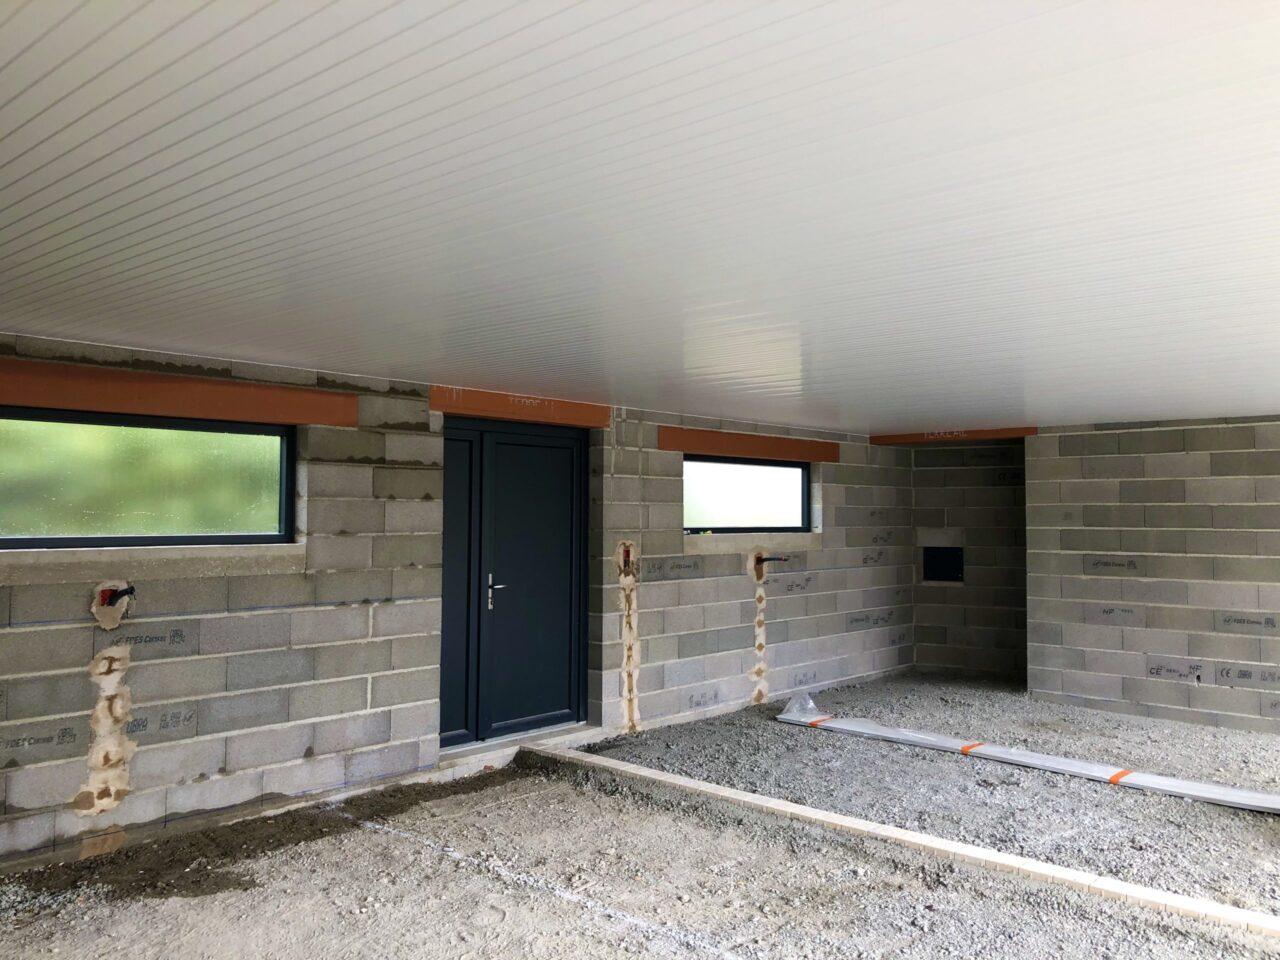 Isolation Placoplatre d'une maison à St Eulalie dans l'aude 11000 | SP Construction Carcassonne